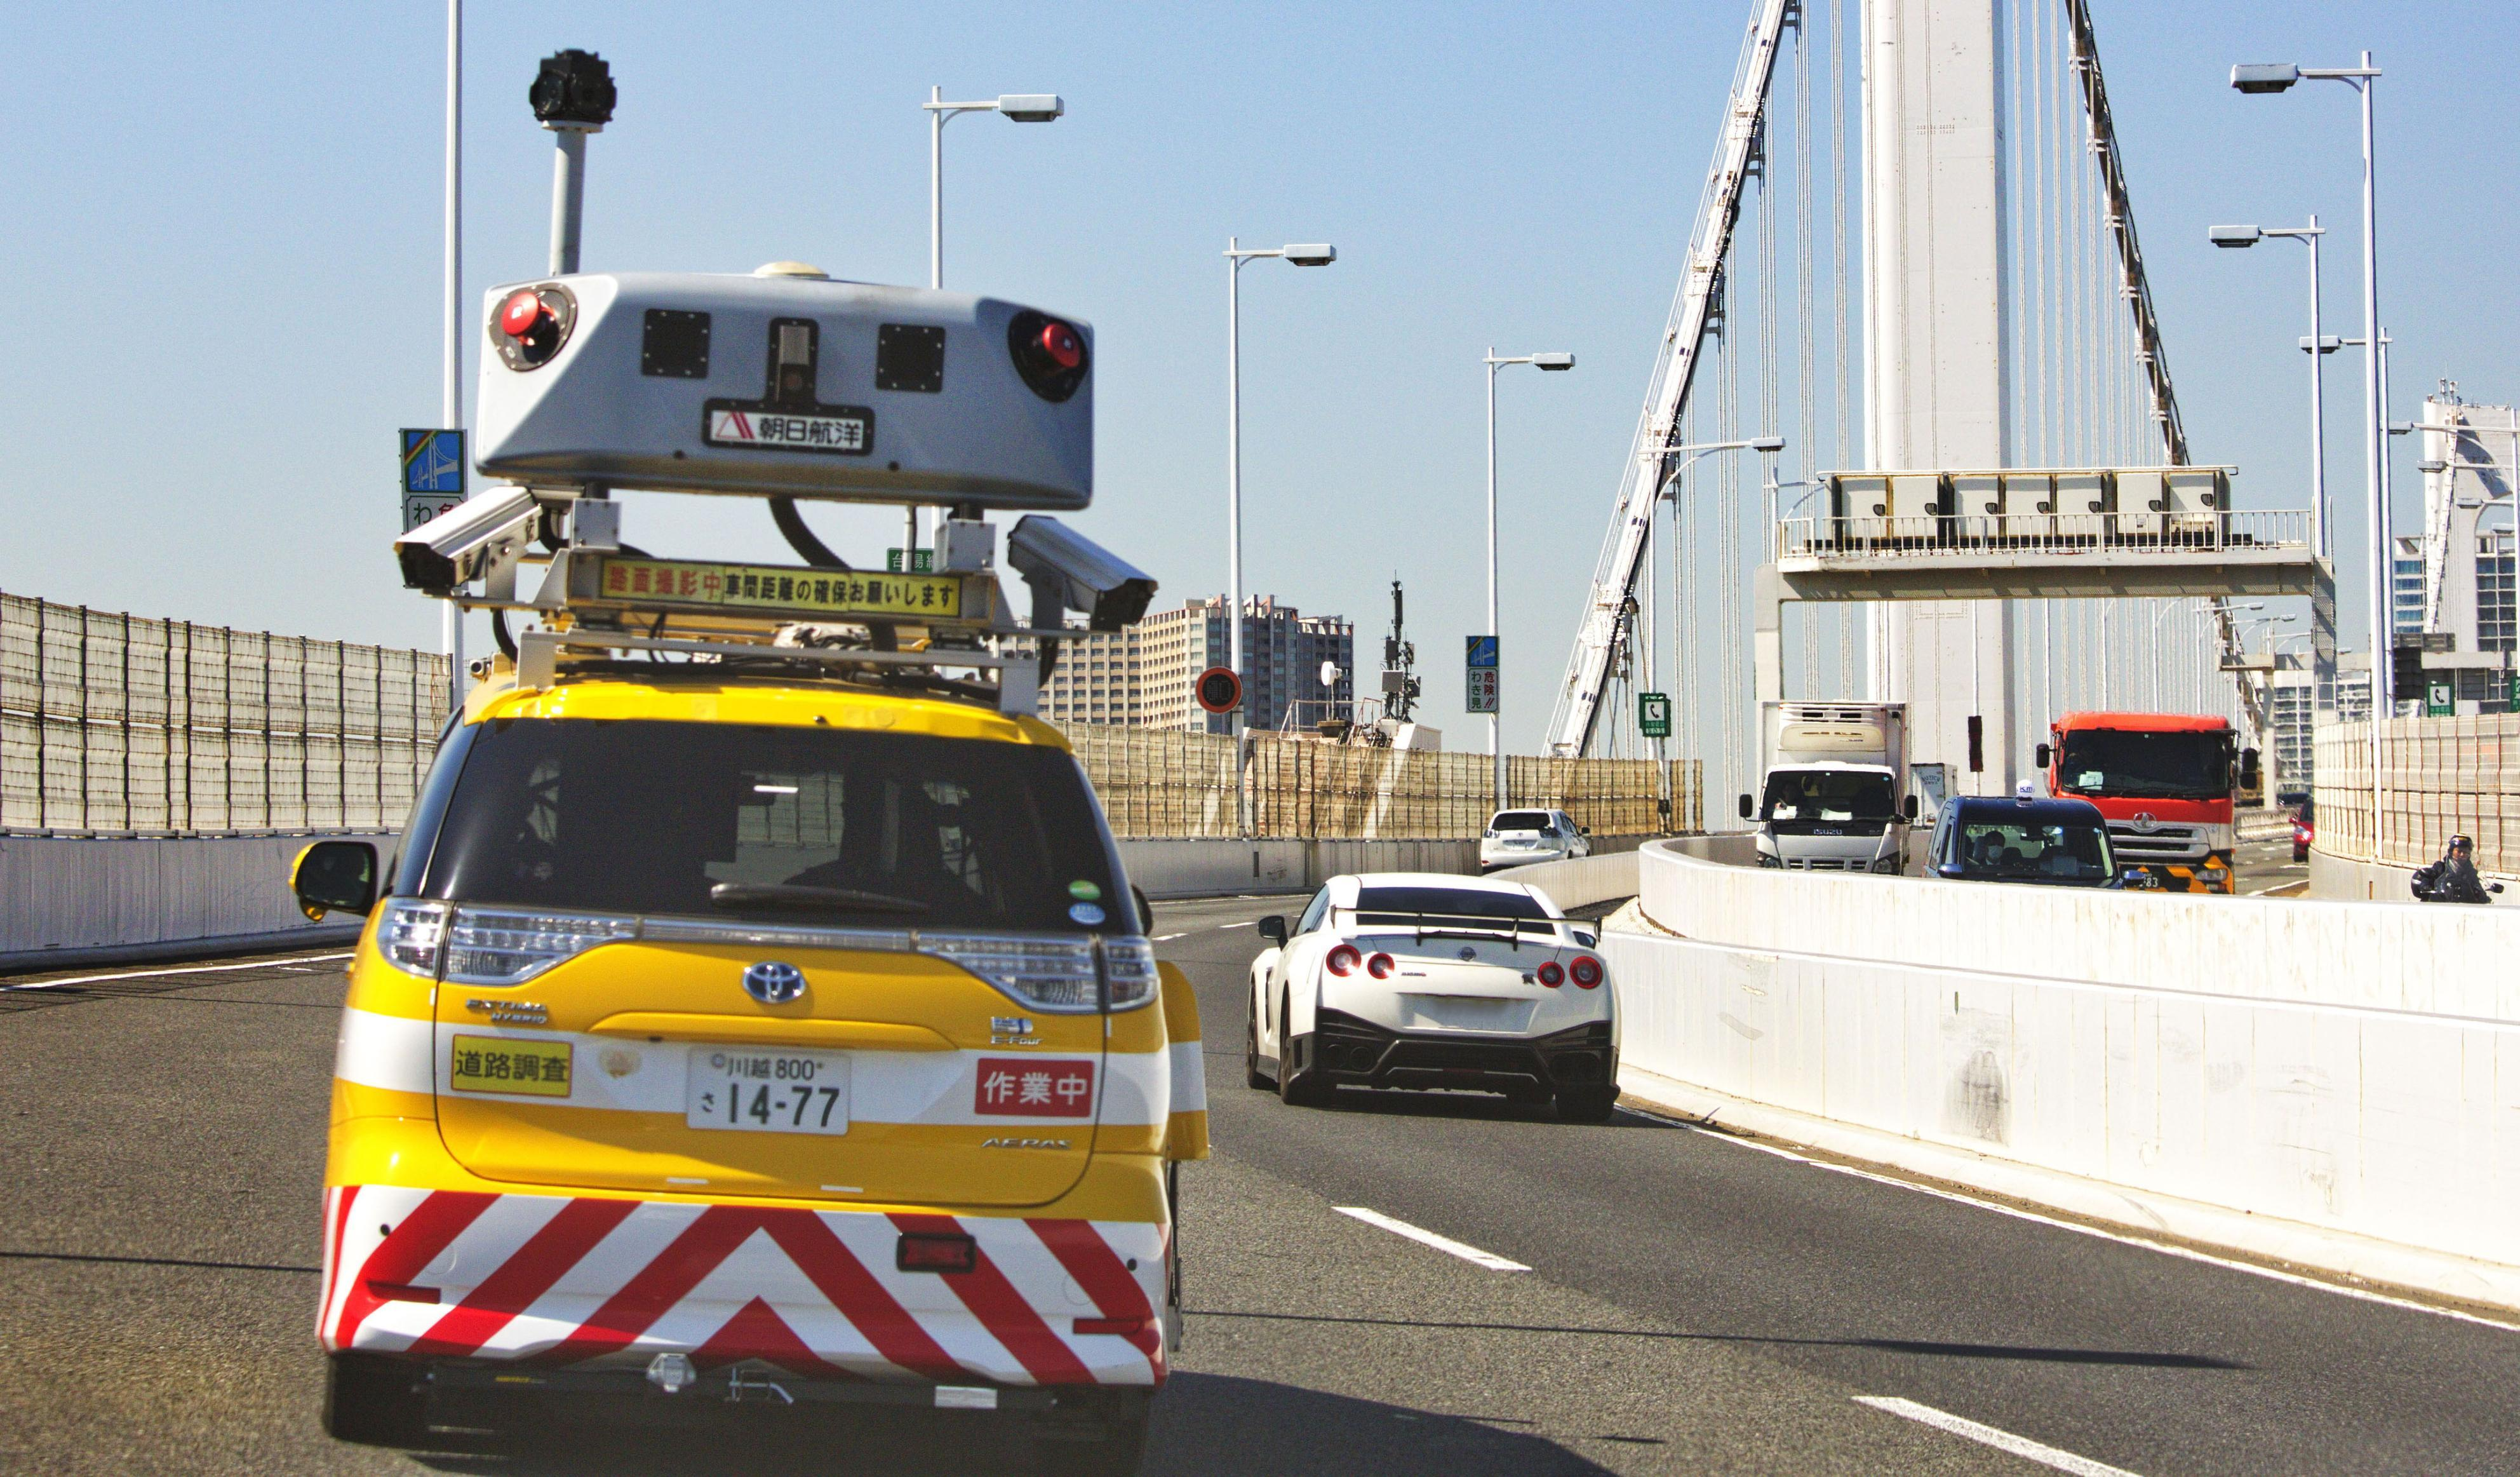 カメラやレーザースキャナーなどさまざまな機械が取り付けられたミニバンが首都高速を走る。データを集め道路の維持管理に活用する=東京都港区のレインボーブリッジ